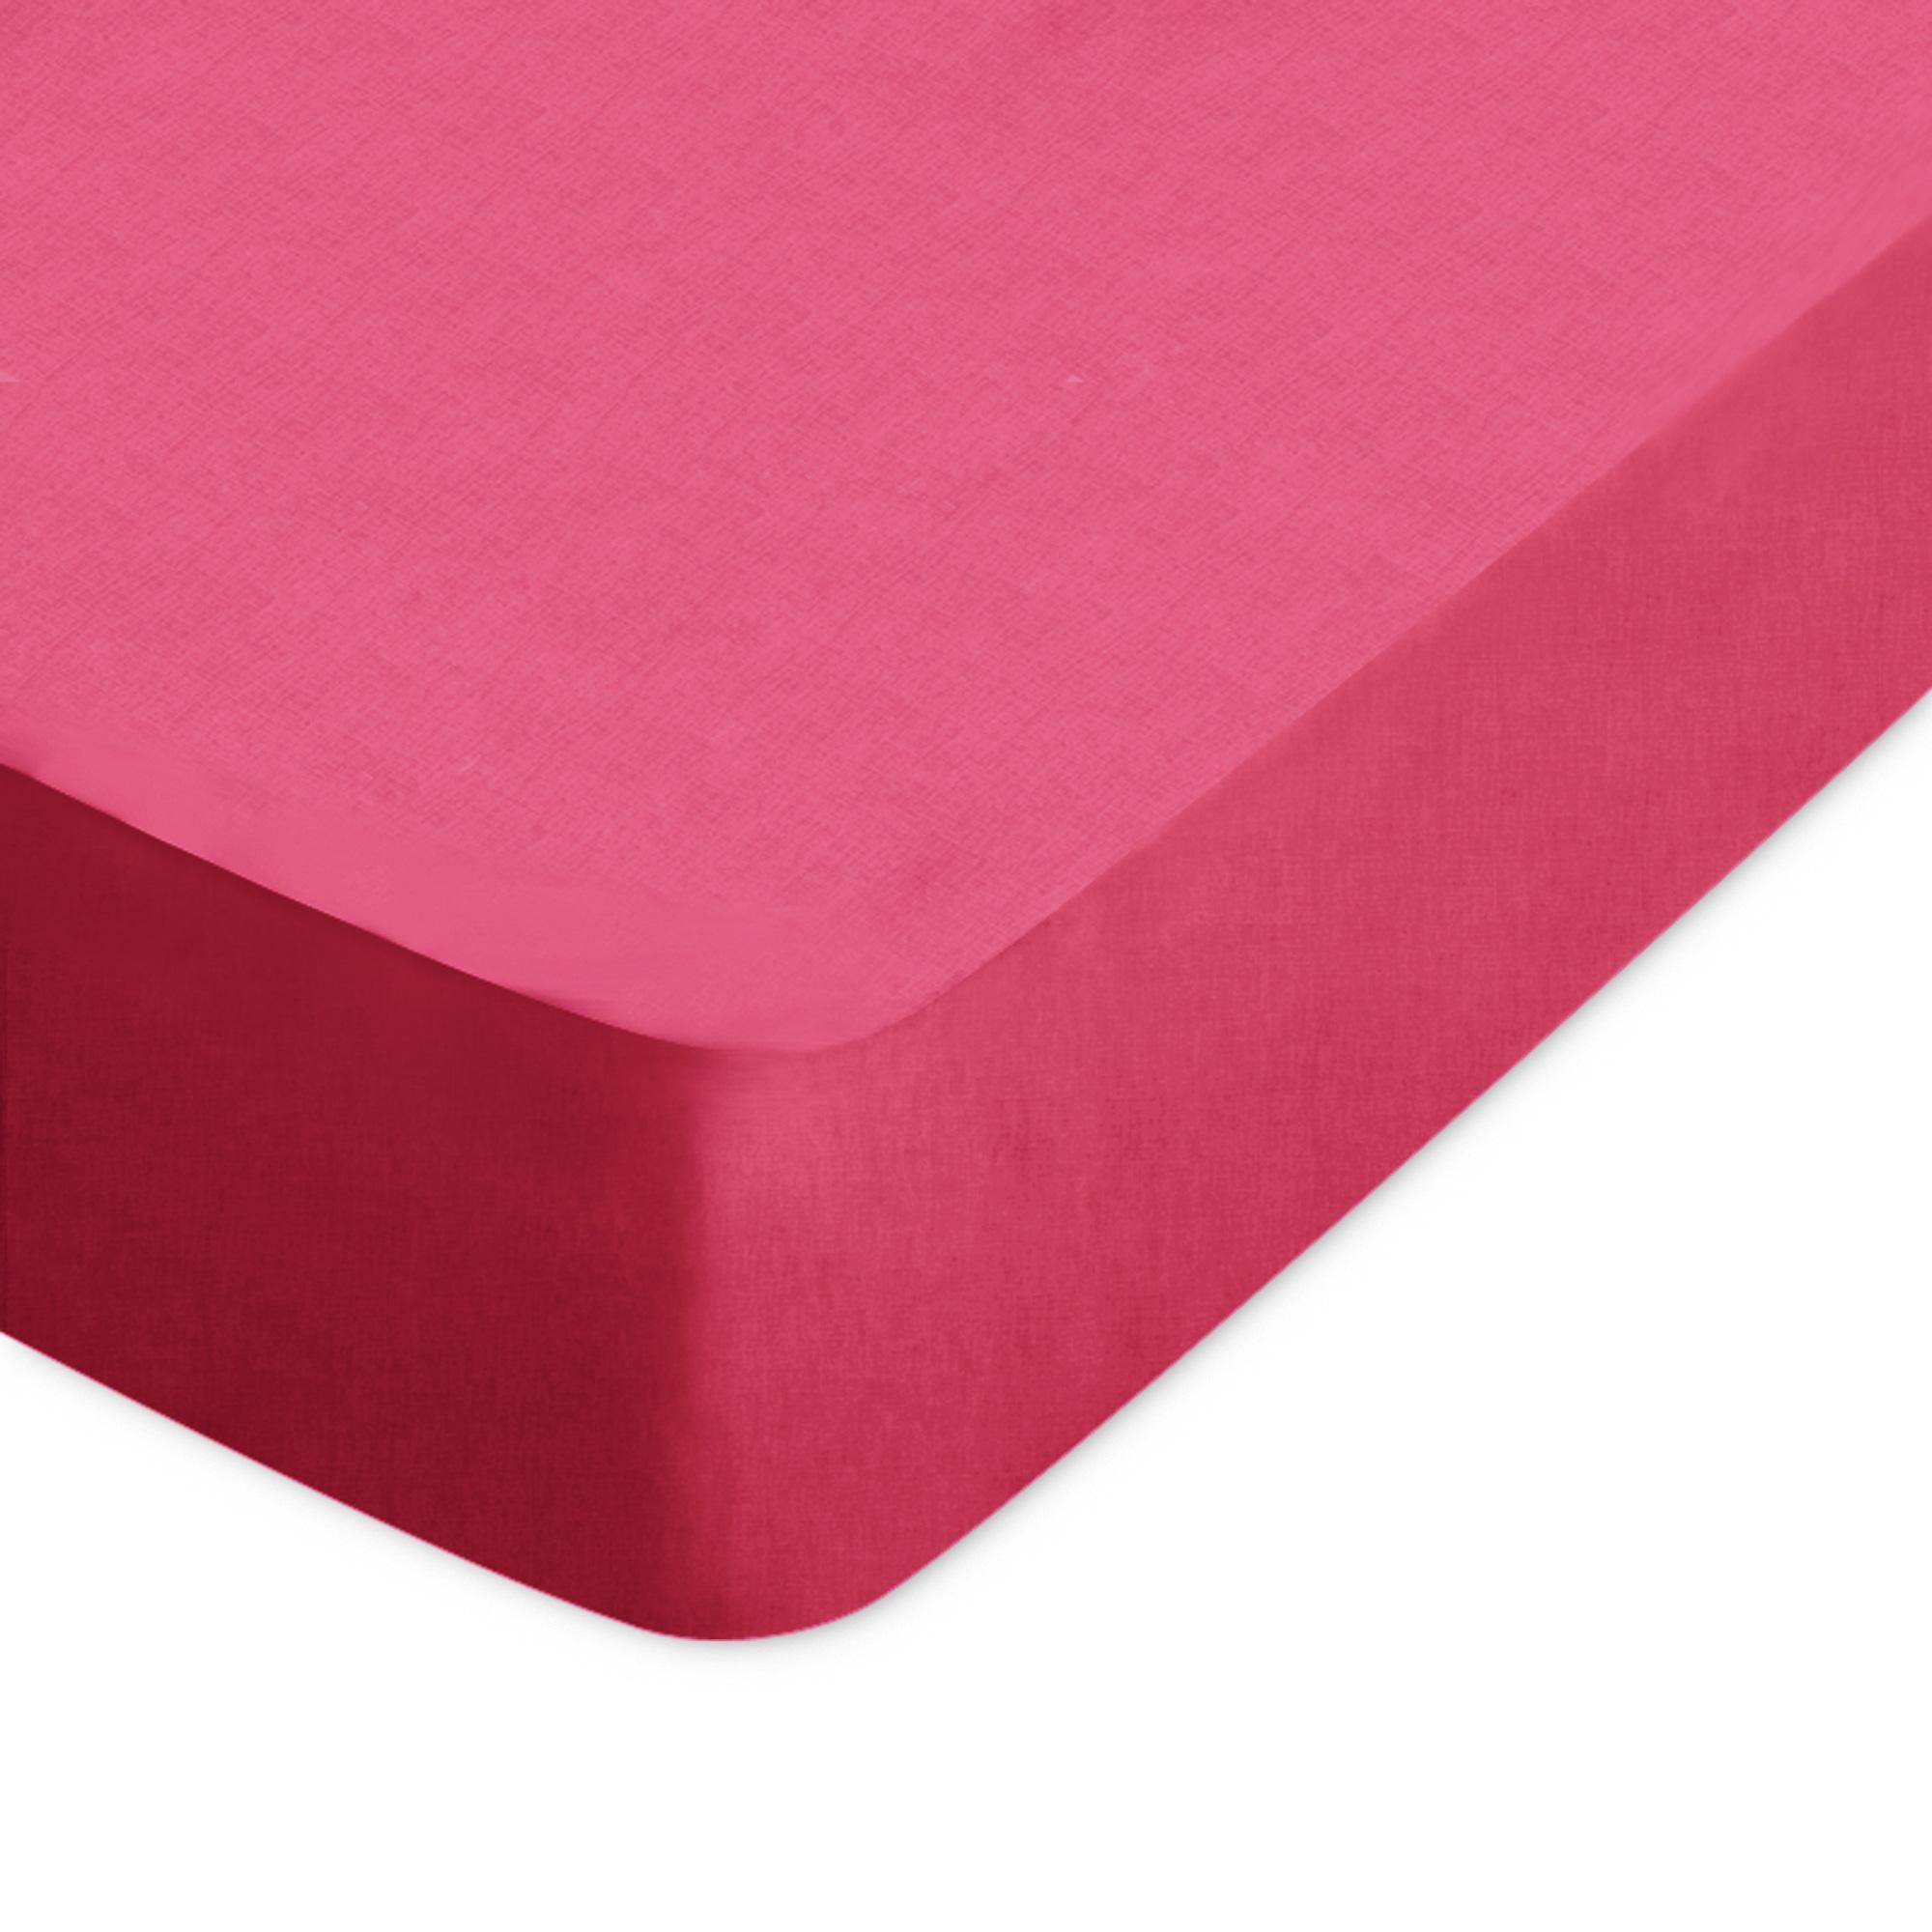 drap housse 160x190cm uni pur coton alto rose kerala linnea linge de maison et. Black Bedroom Furniture Sets. Home Design Ideas